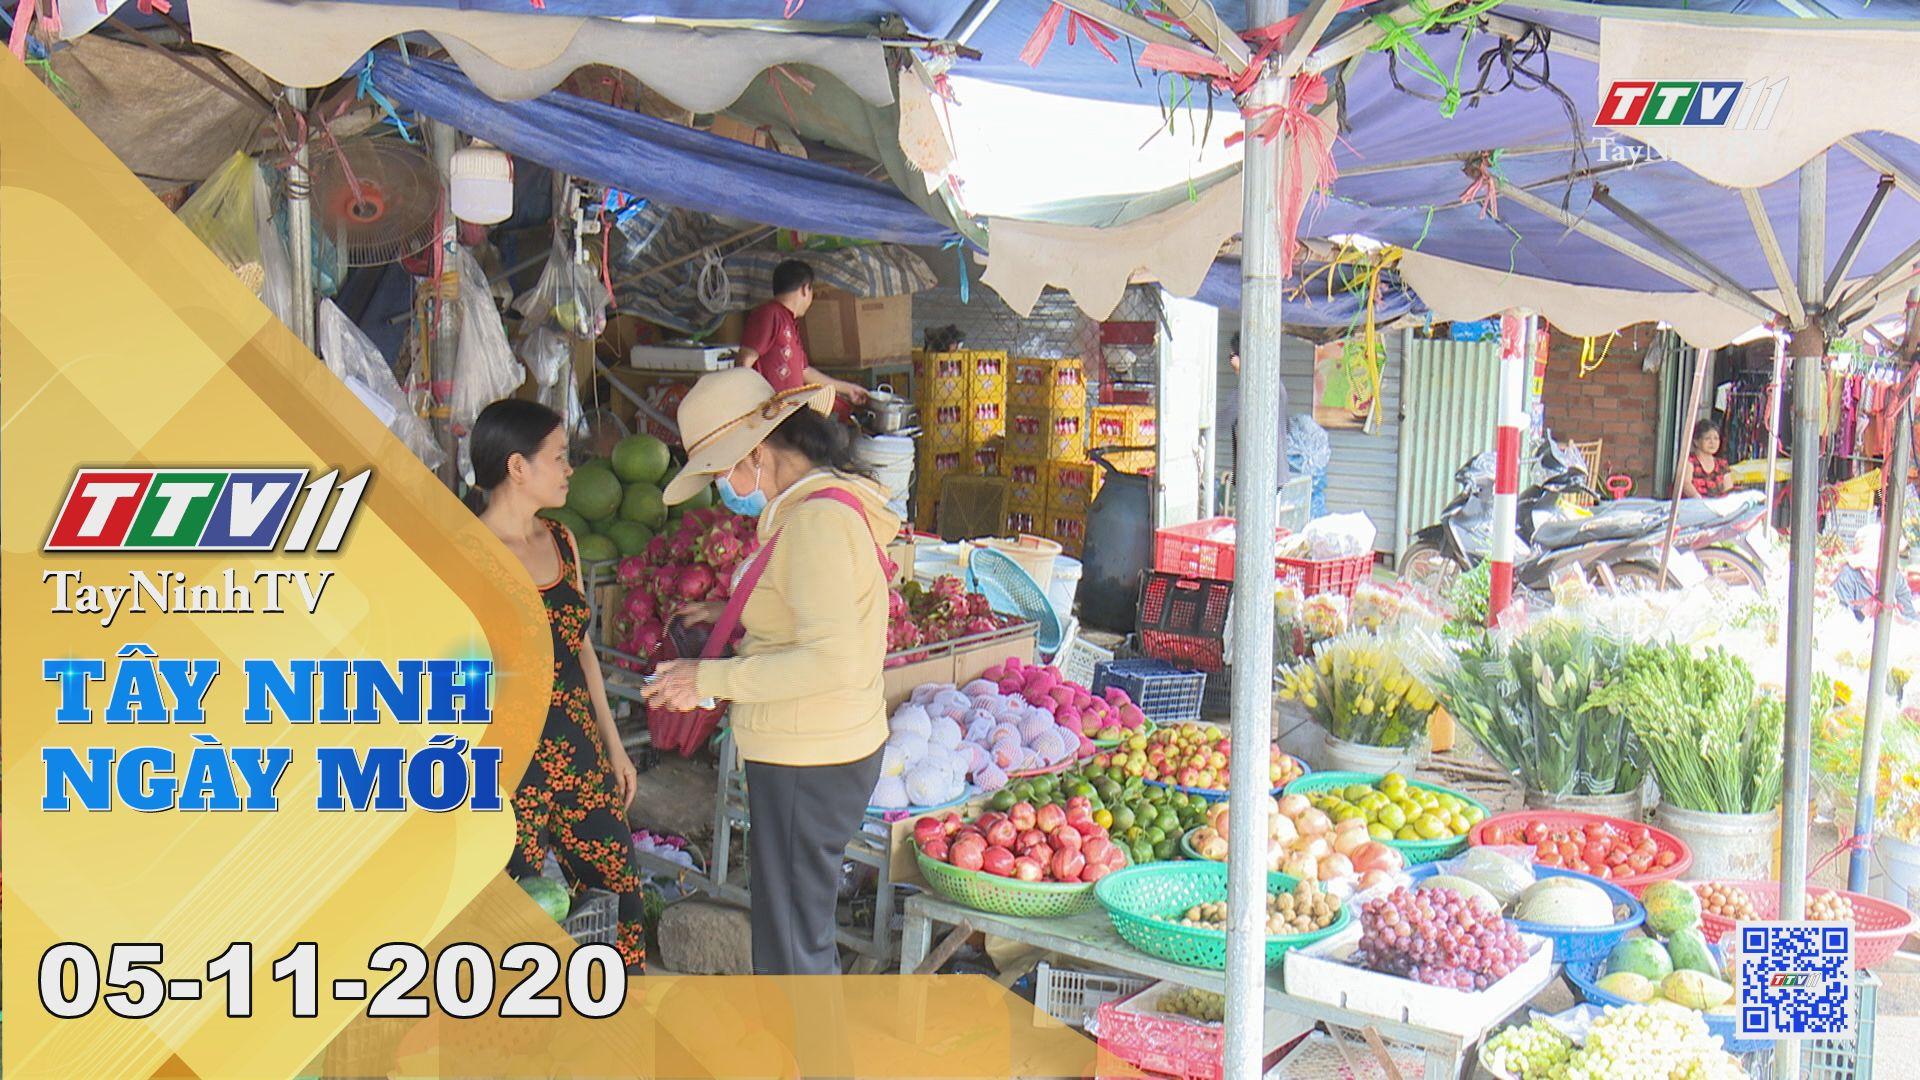 Tây Ninh Ngày Mới 05-11-2020   Tin tức hôm nay   TayNinhTV